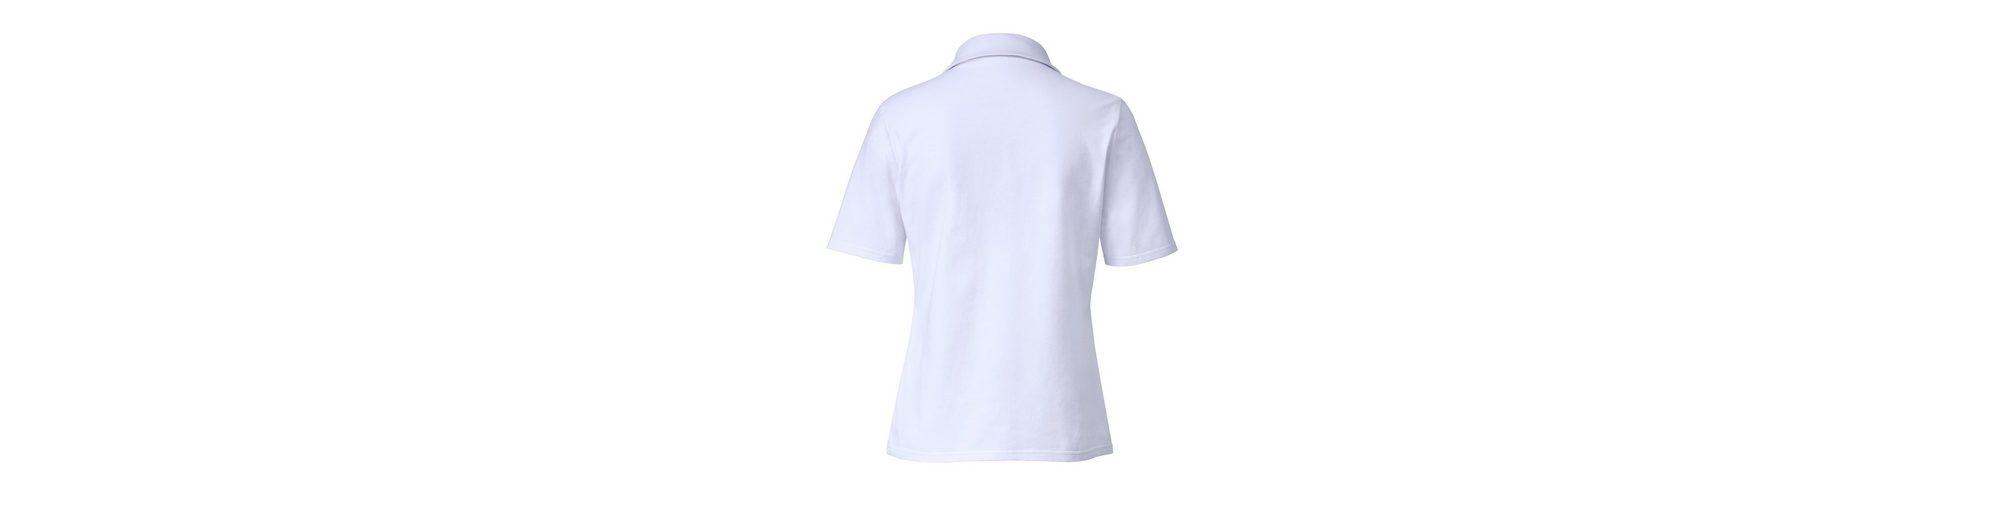 Mona Poloshirt mit Strasssteinen Rabatt Online-Shopping Spielraum Billigsten Steckdose Genießen Verkauf Rabatte Rabatt Erkunden g0qEhGr